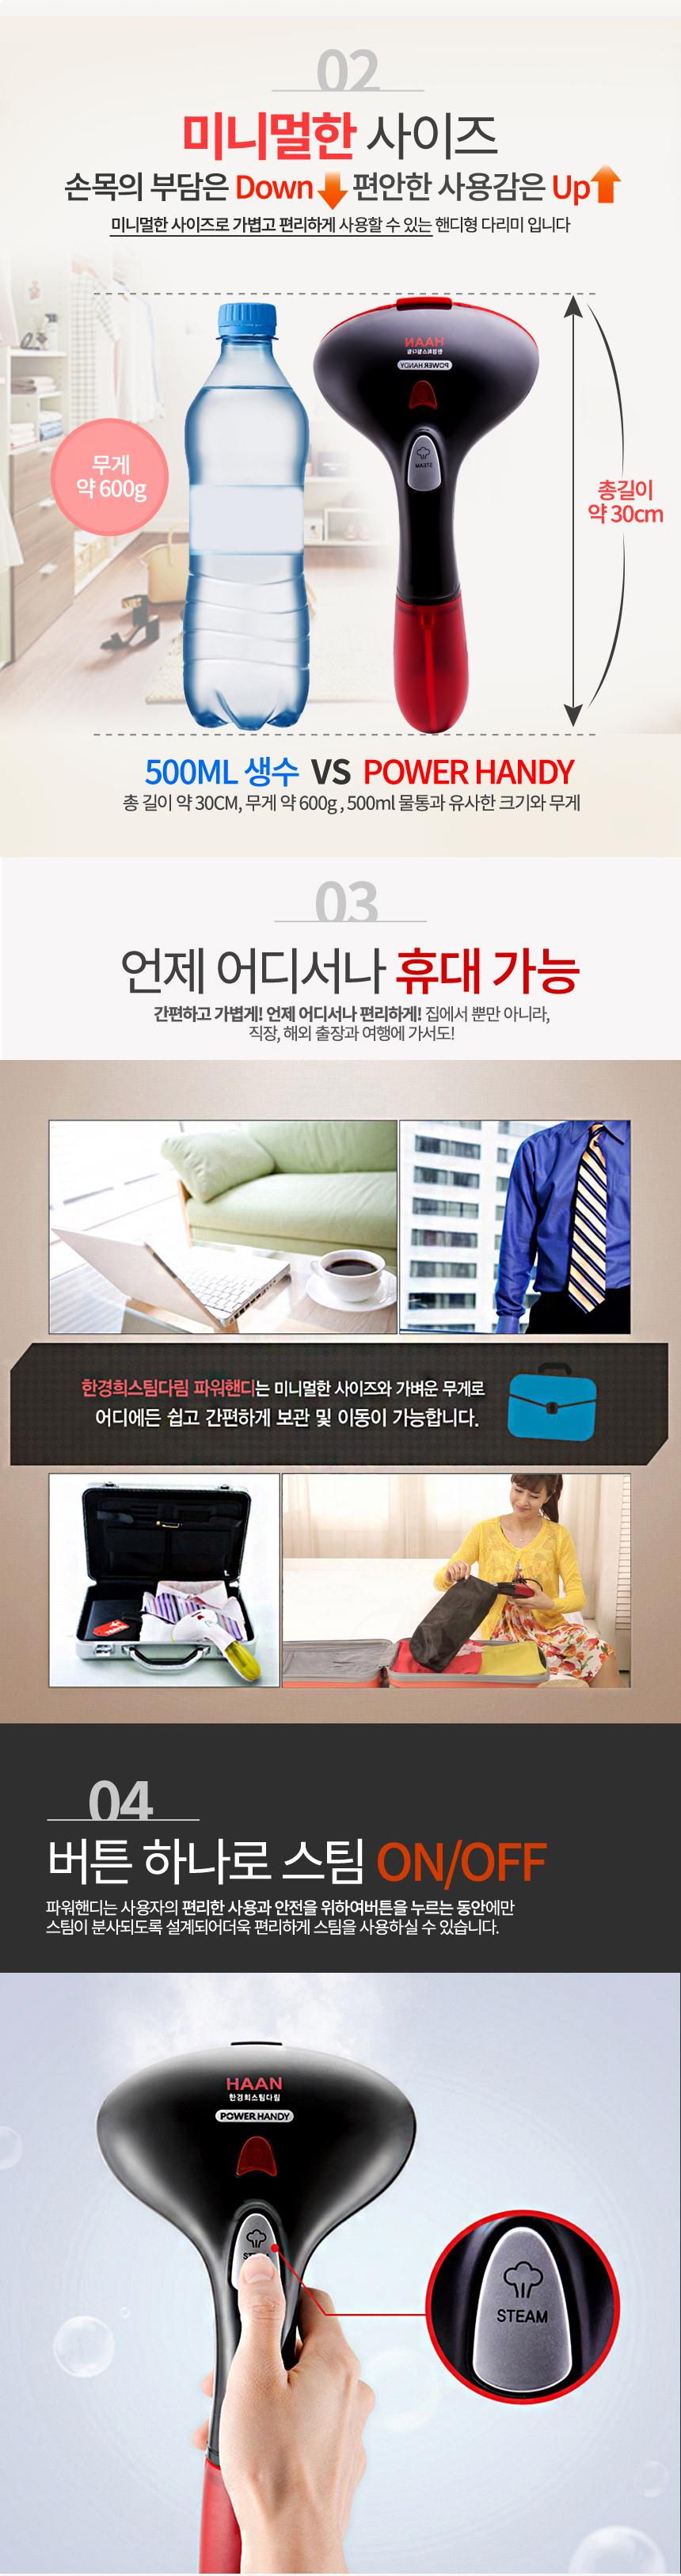 한경희 핸디 스팀다리미 HI-400 - 한경희, 45,000원, 다리미/보풀제거기, 스팀 다리미